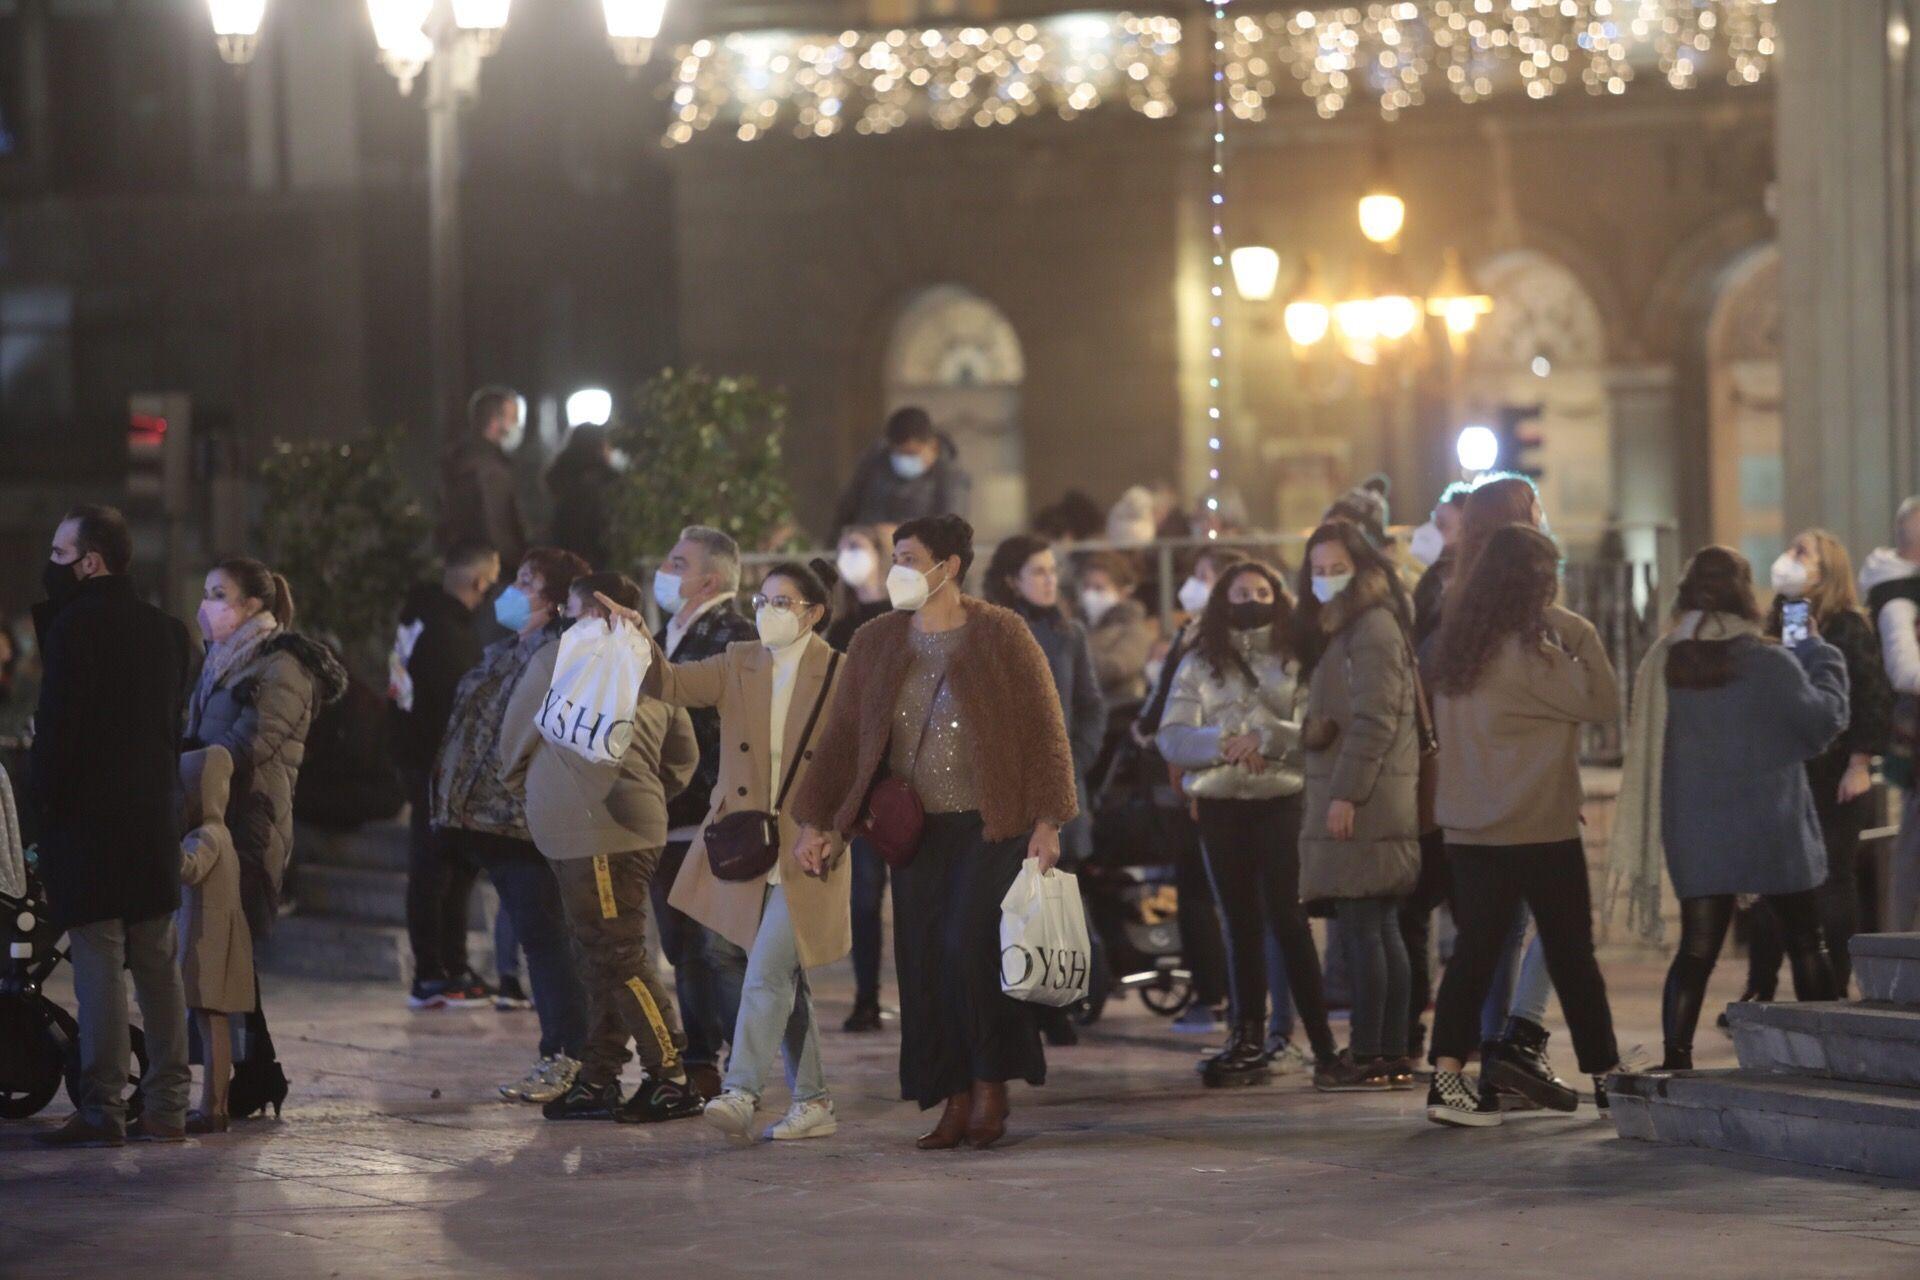 Aglomeraciones en Oviedo para ver la iluminación de las calles y hacer compras navideñas